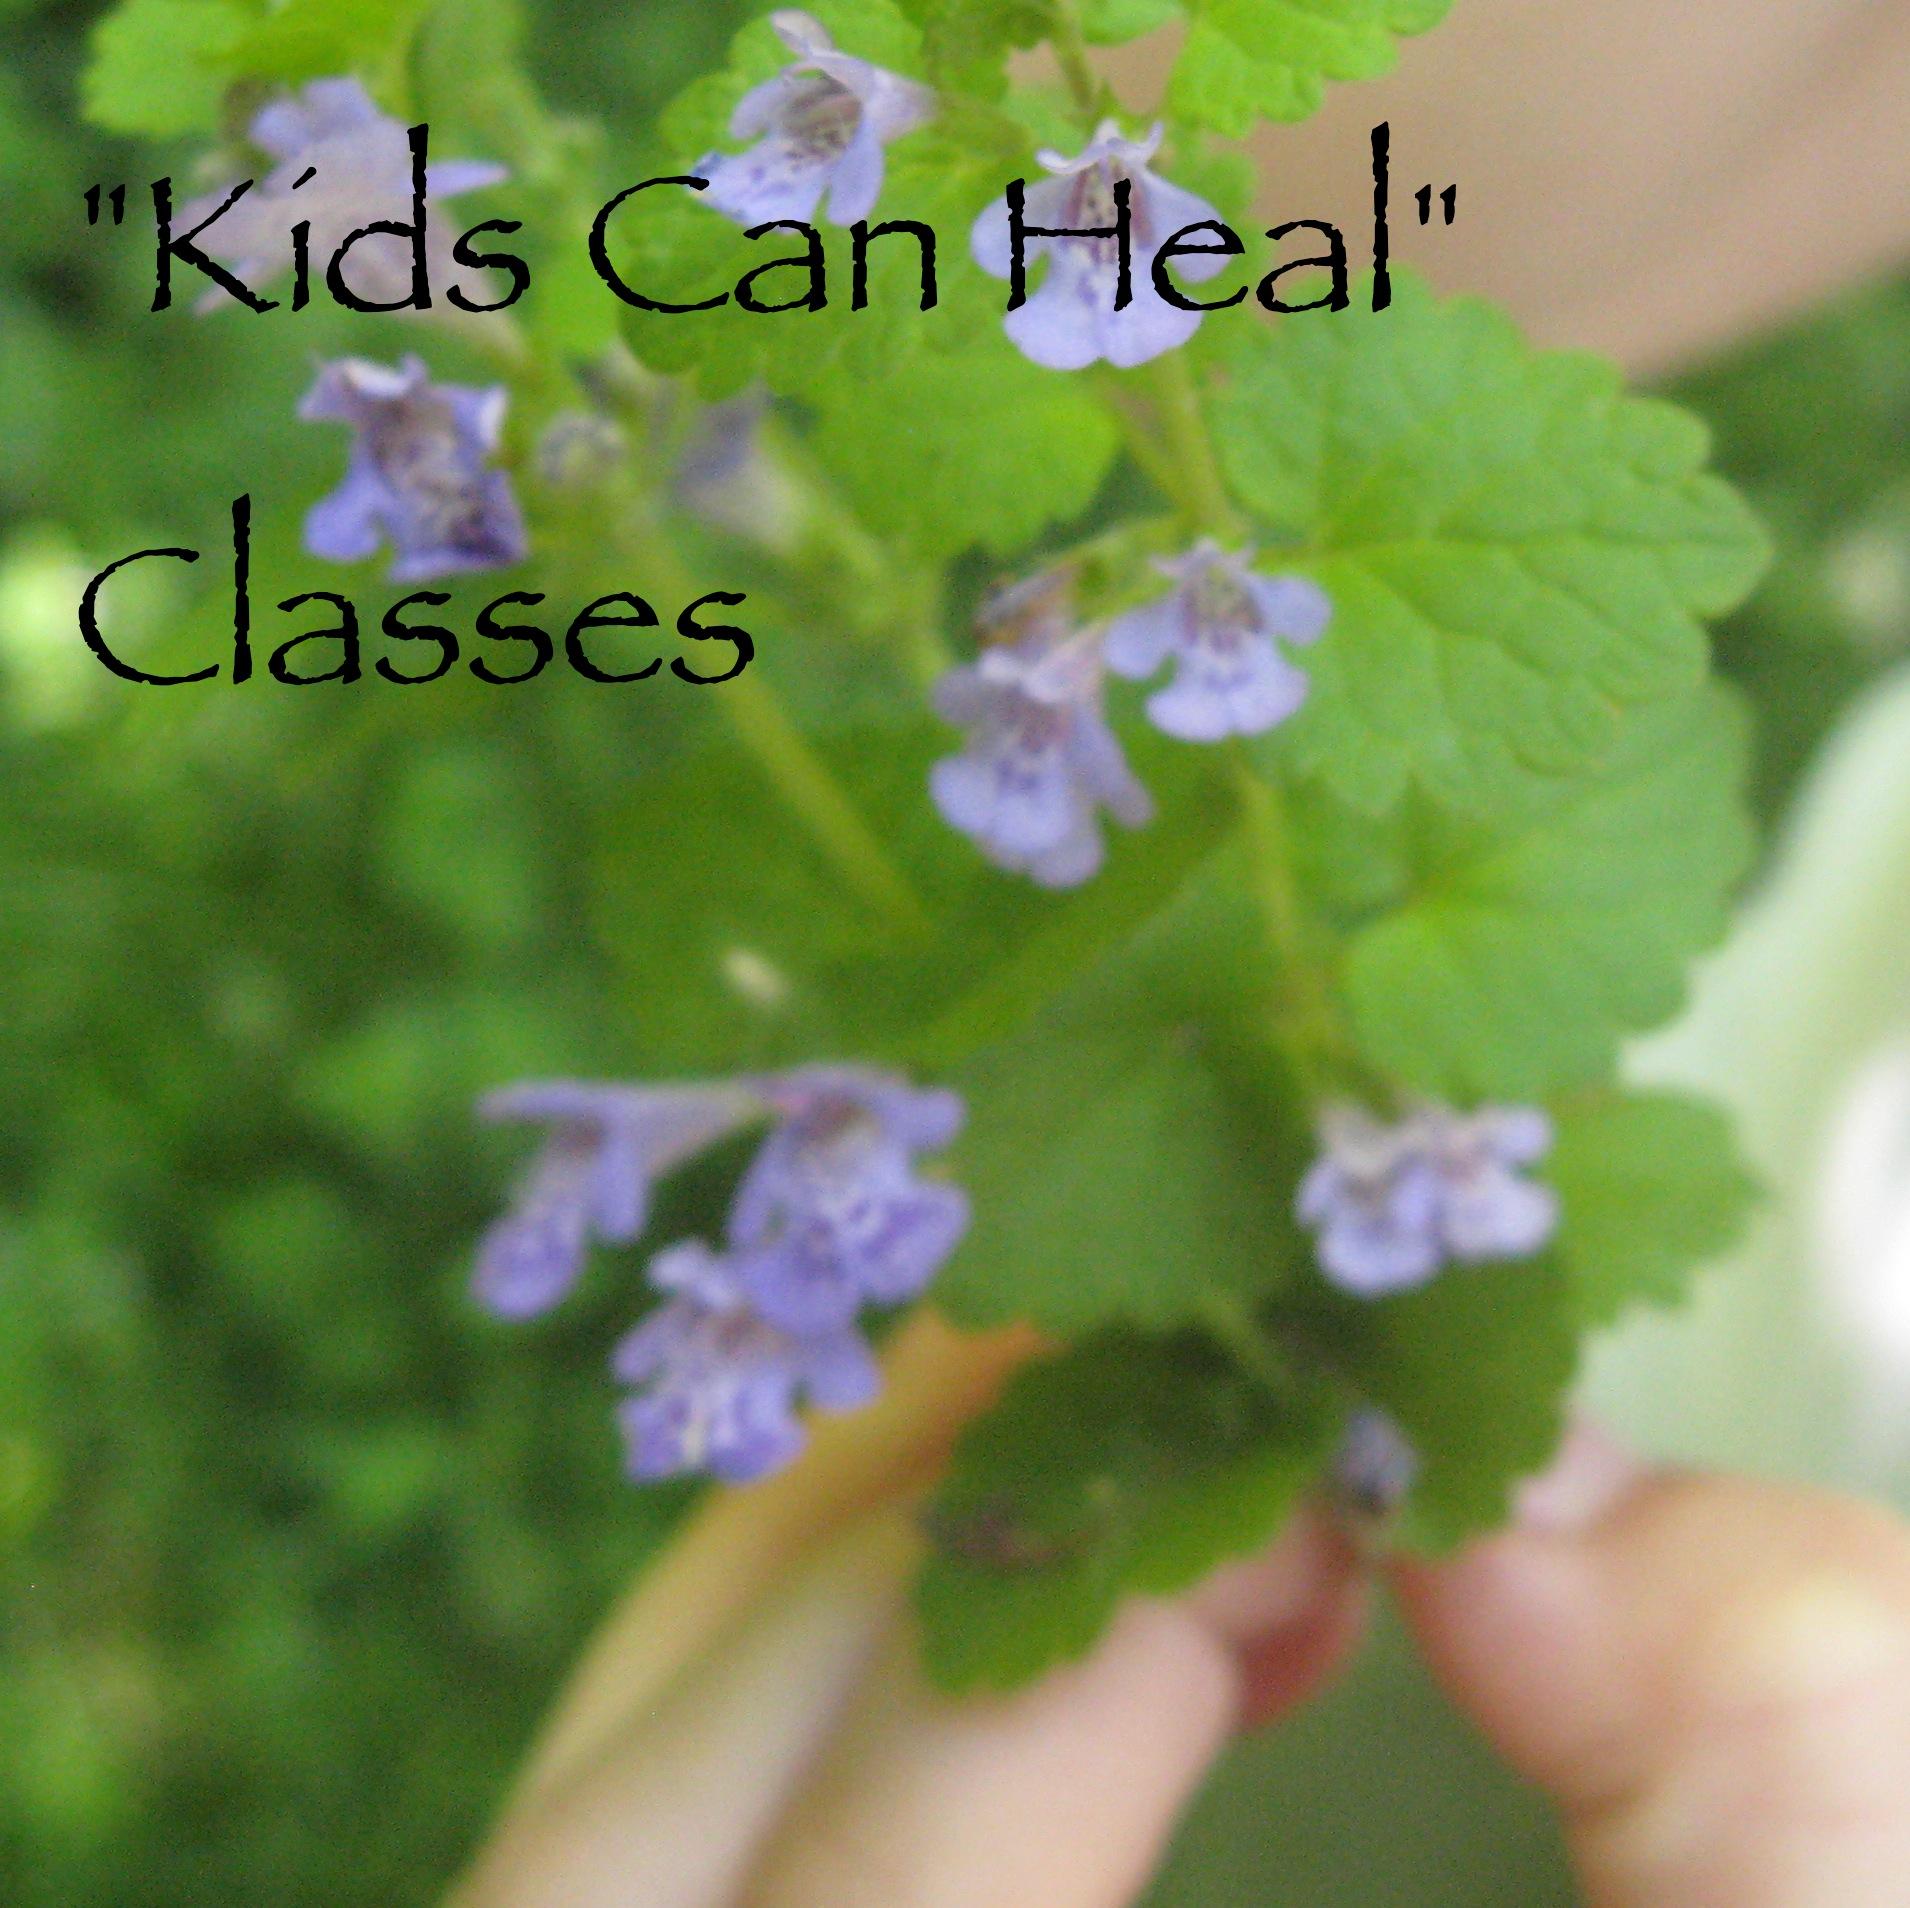 Herb'n Kids